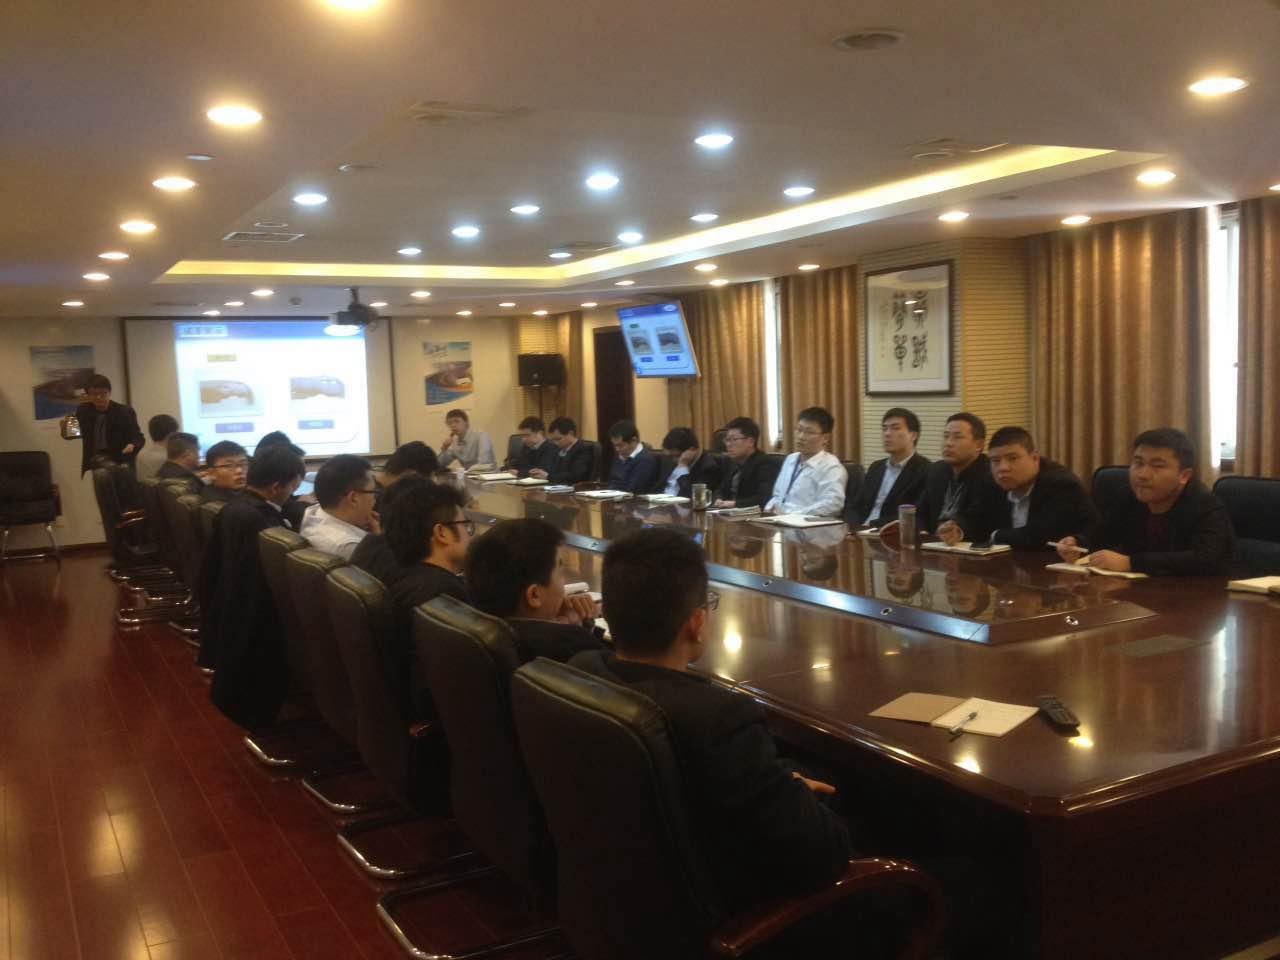 中捷通受邀参加太平洋财险公司举行的低碳修复技术交流会